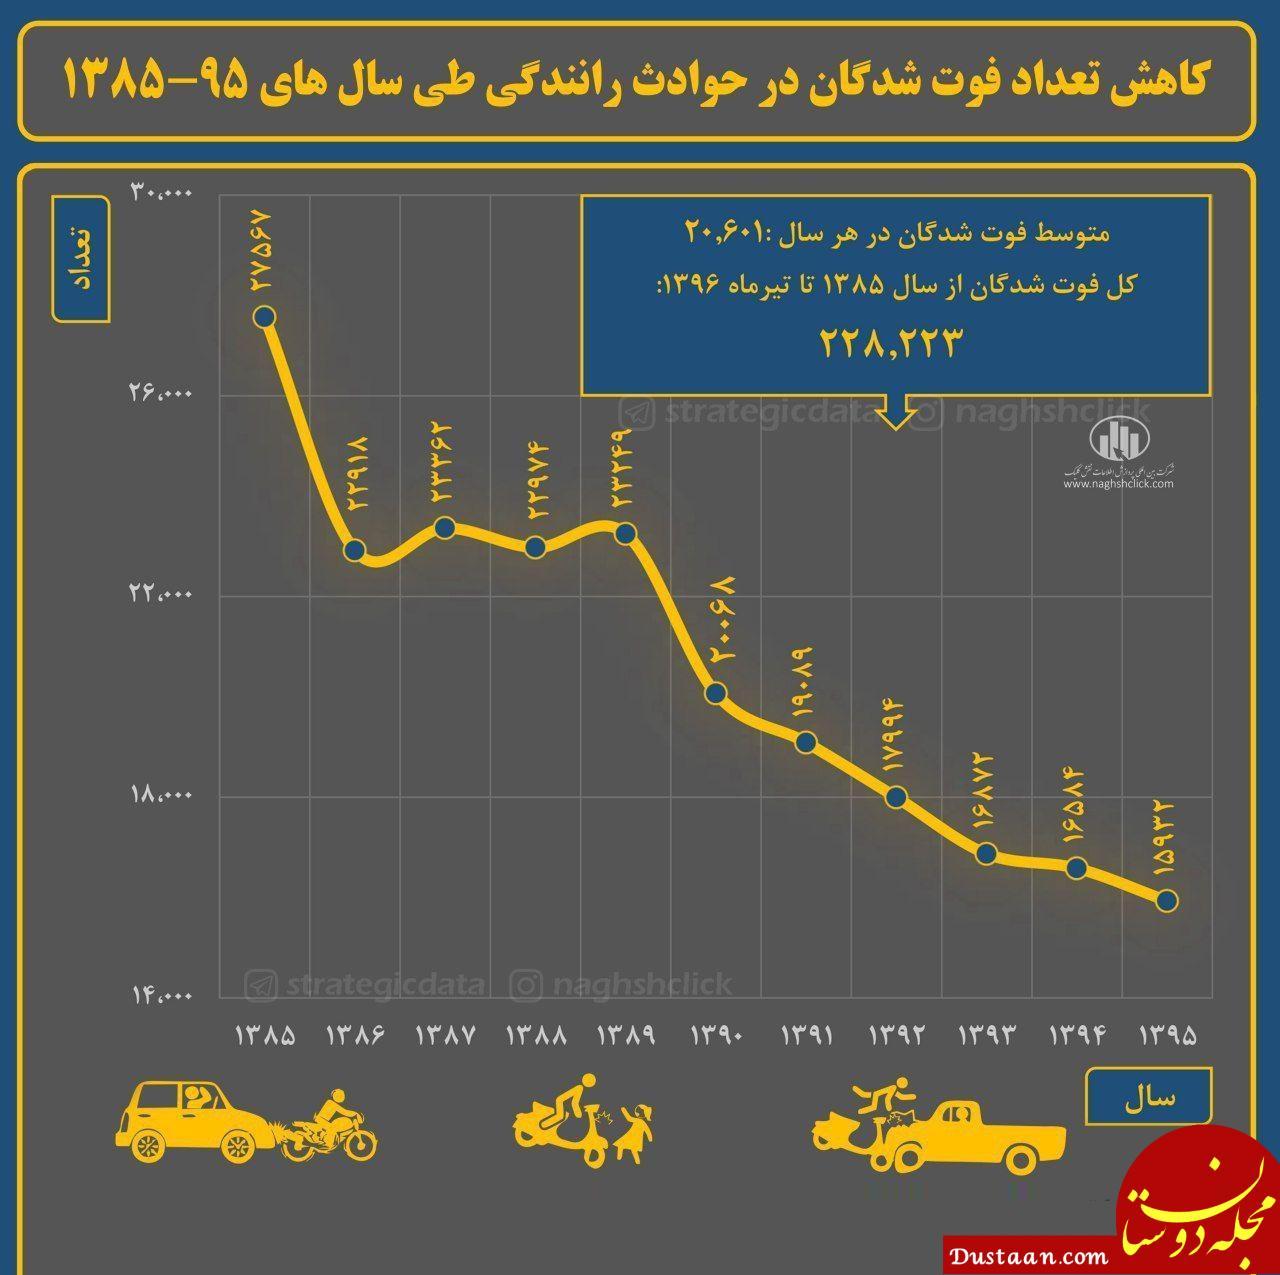 www.dustaan.com کاهش تعداد فوت شدگان در حوادث رانندگی طی سال های ۹۵ ۱۳۸۵